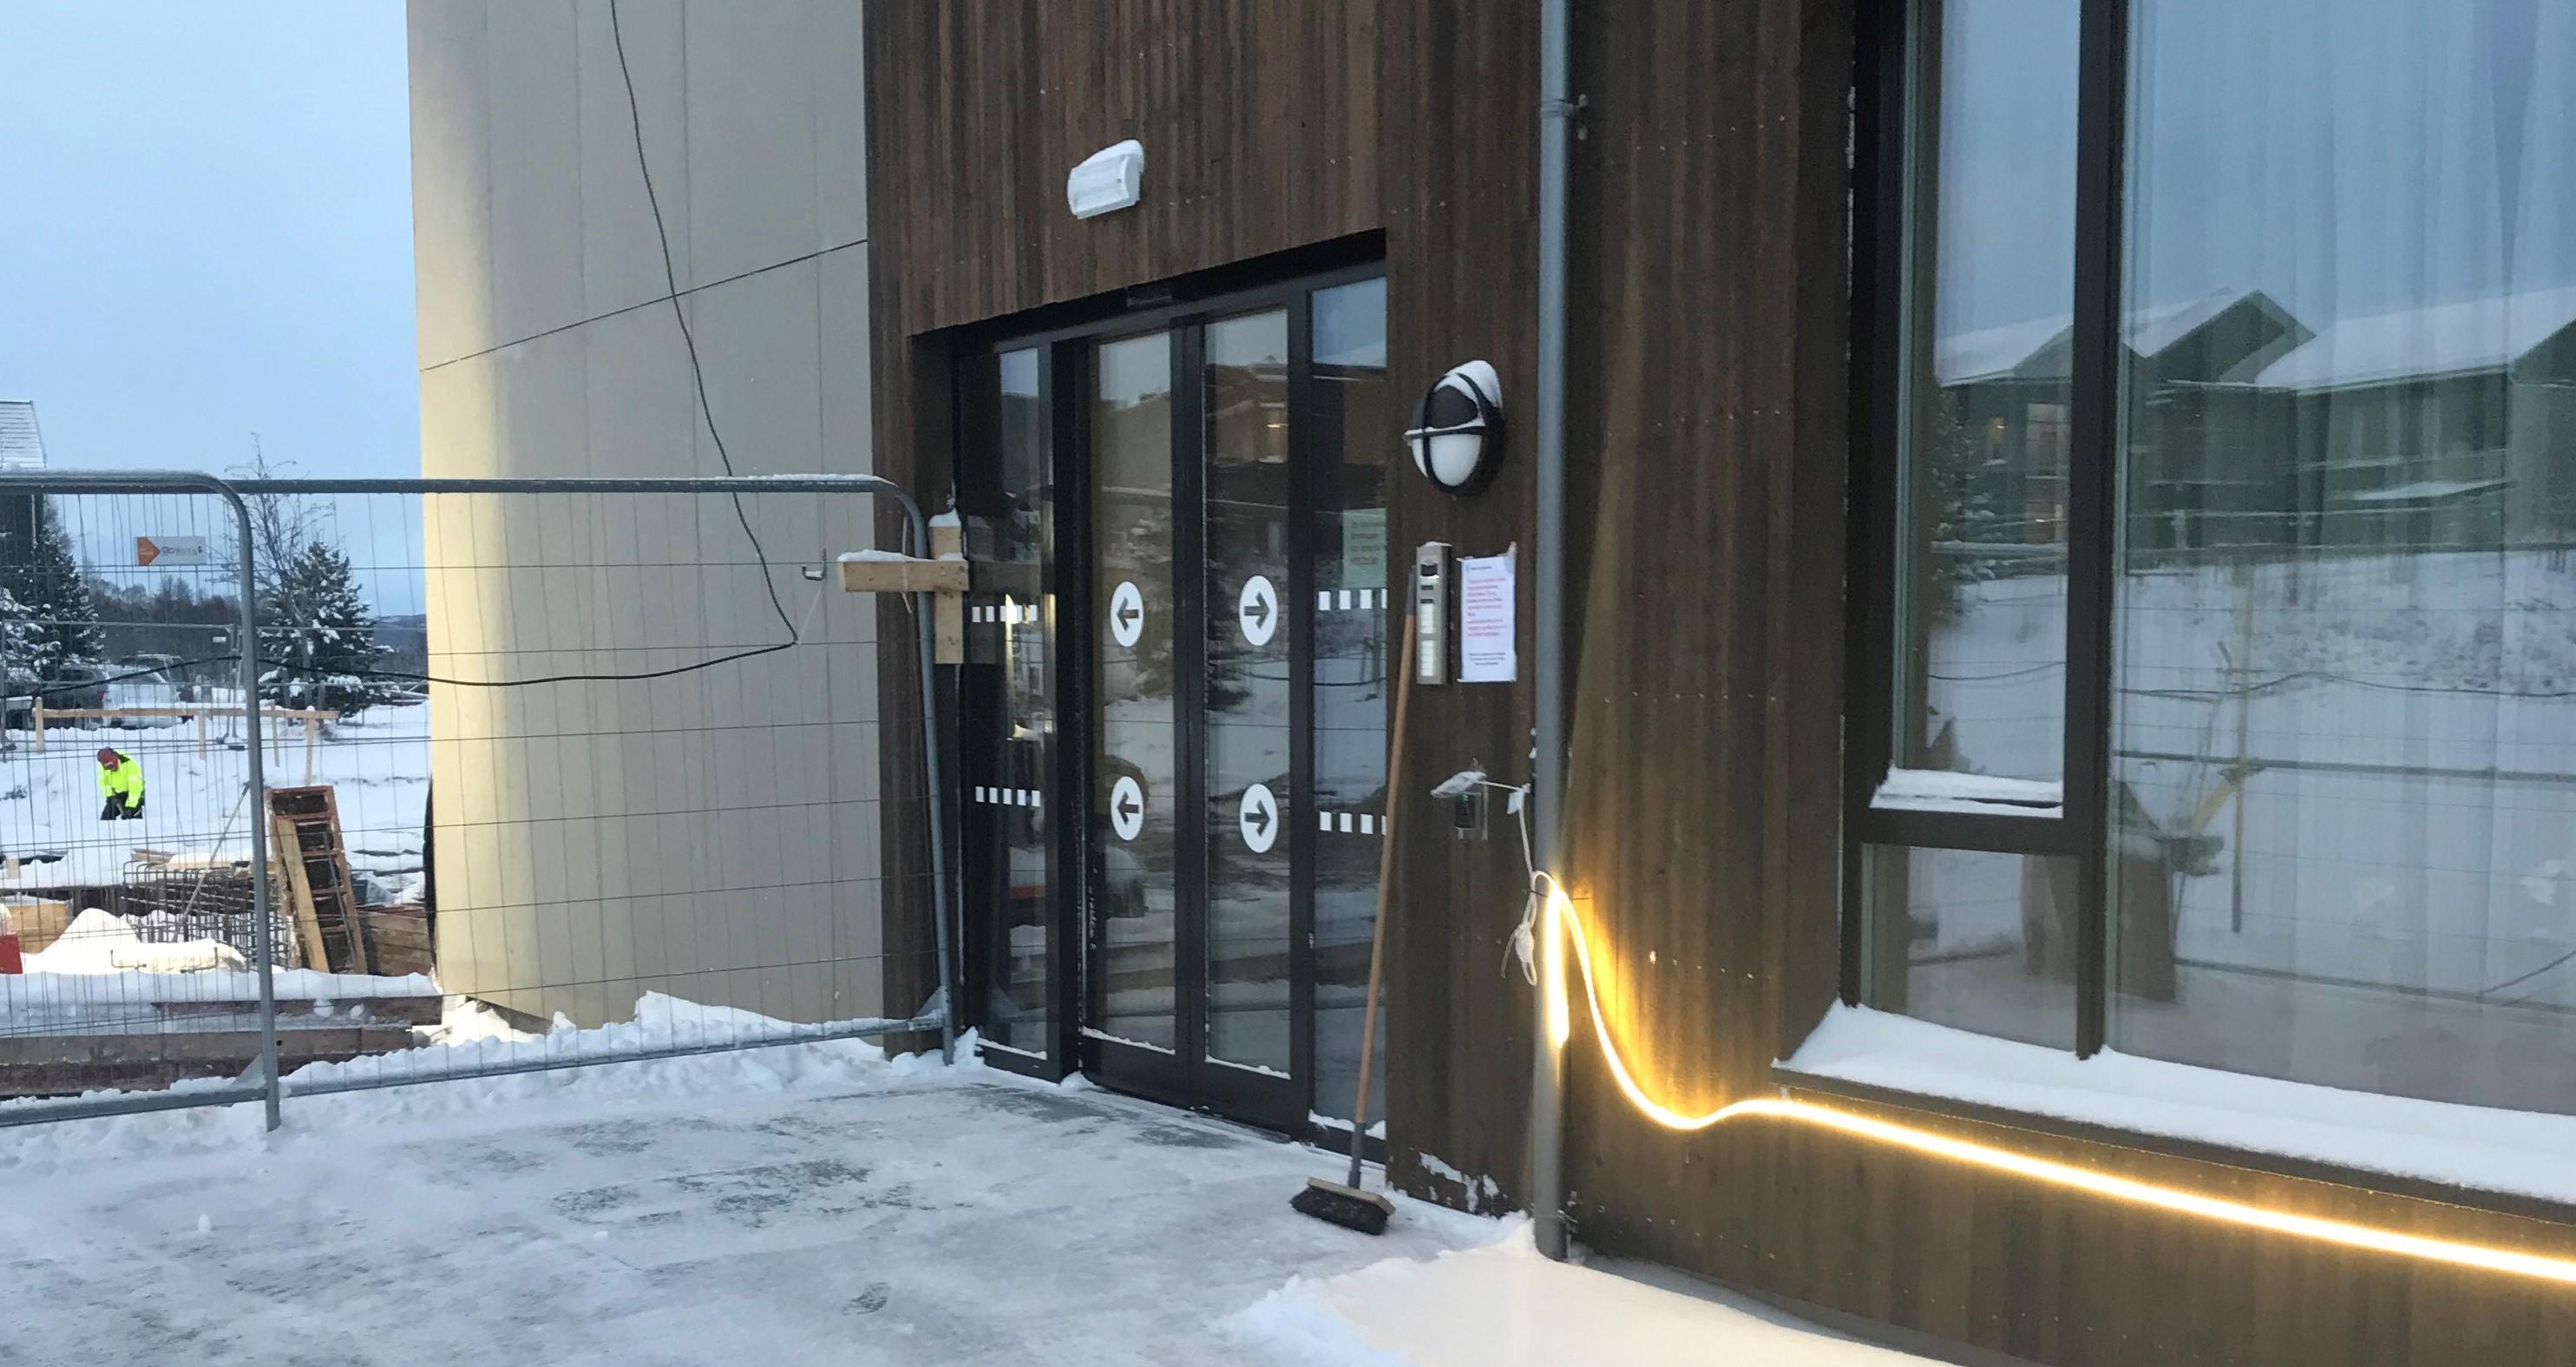 bilde av inngangsdøren på sykehjemmet, fra utsiden om vinteren